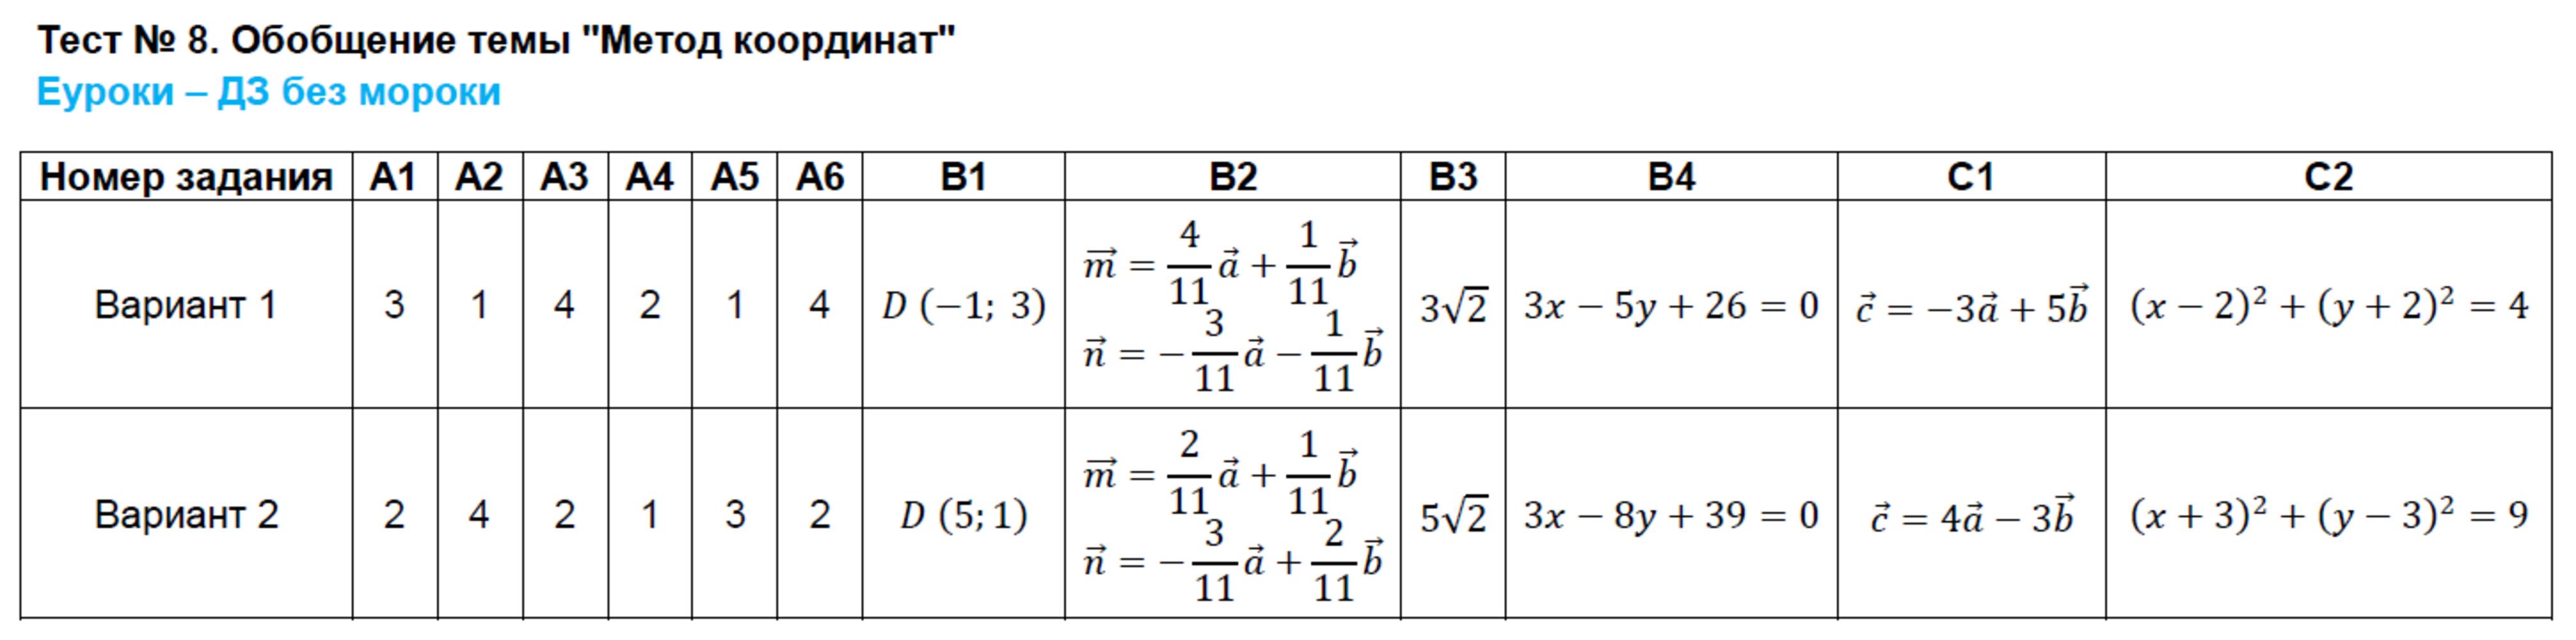 Тест 8 Обобщение Темы Метод Координат Вариант 1 Гдз